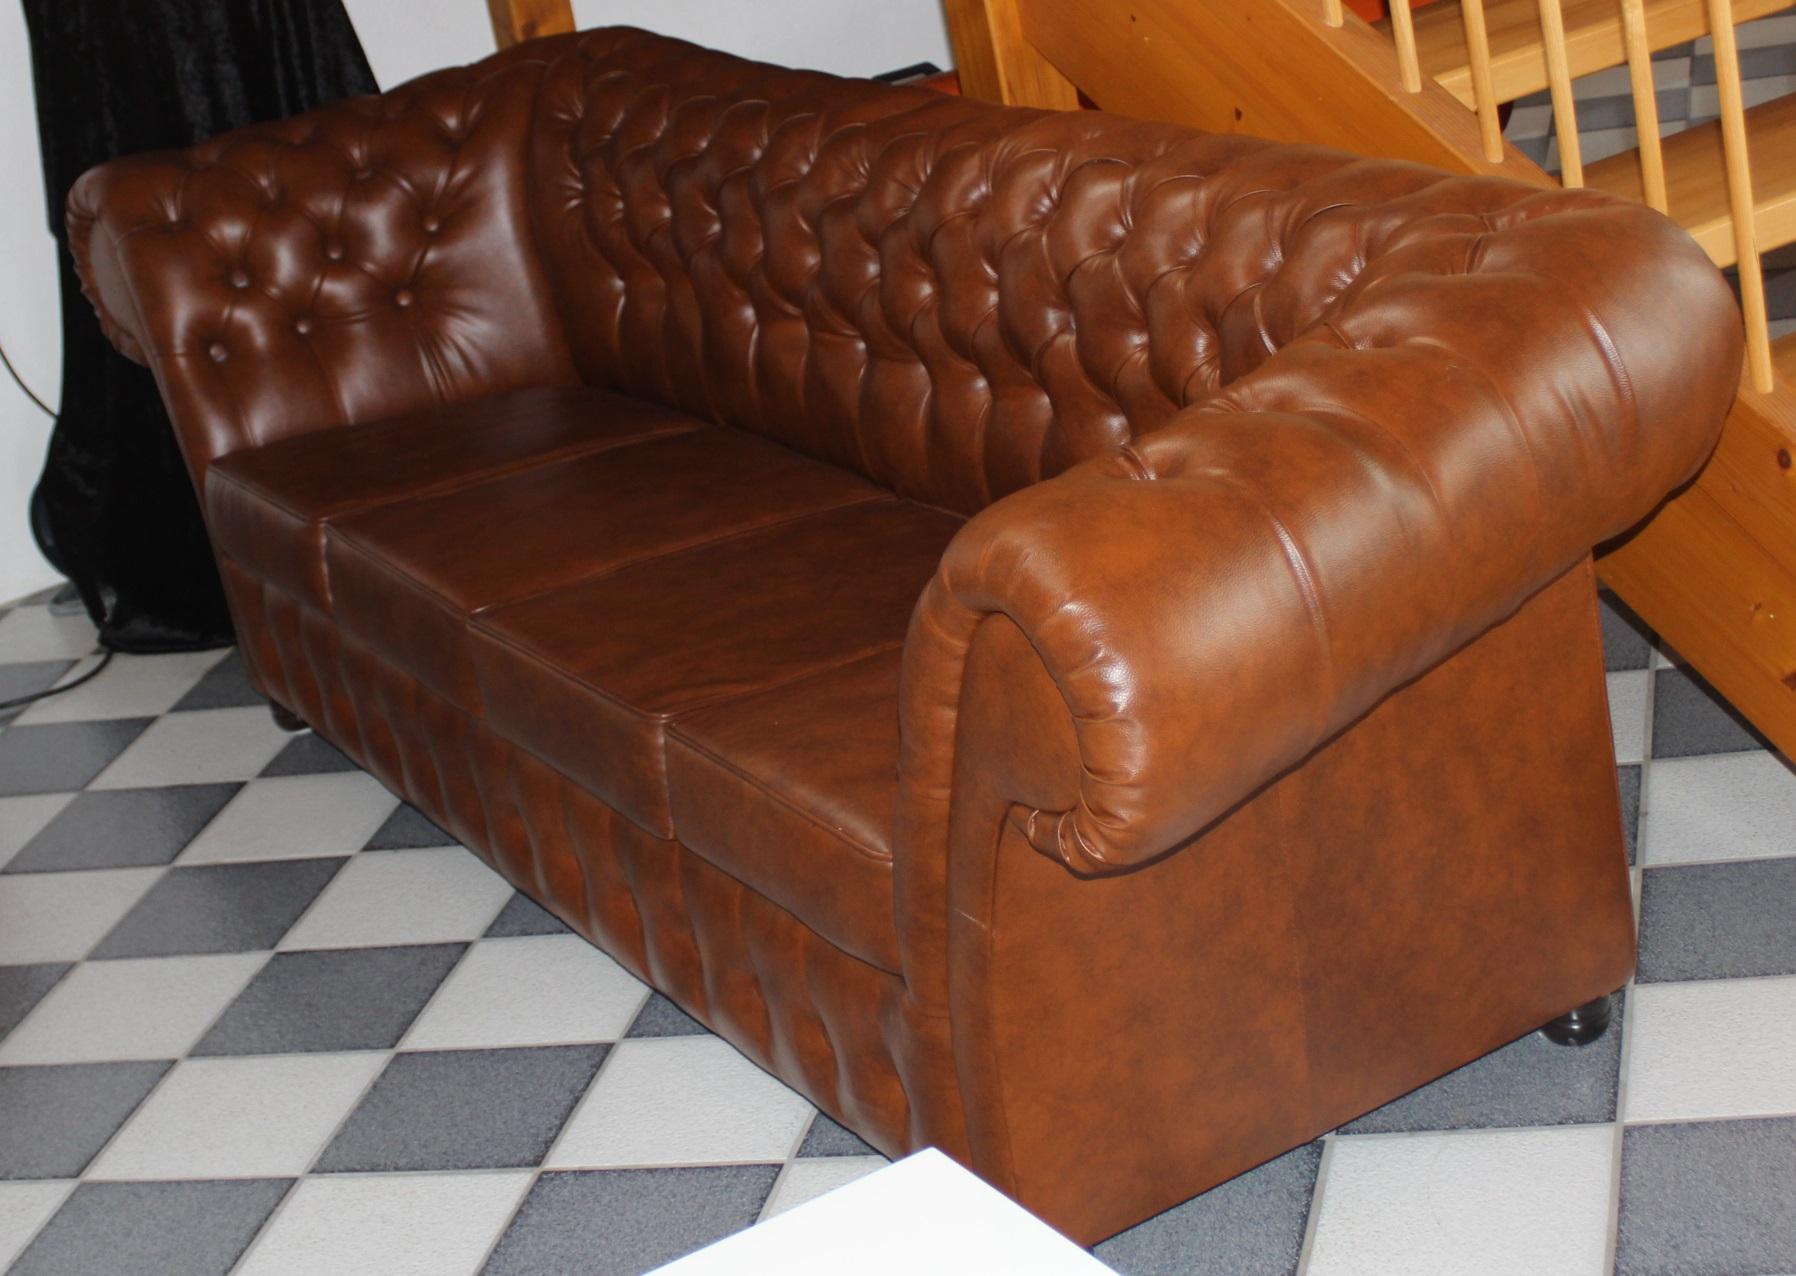 Faszinierend Leder Sofa Garnitur Referenz Von Http://varvara.de/alexkleinzeug/chesterfieldsesselsofort/img_0937.jpg